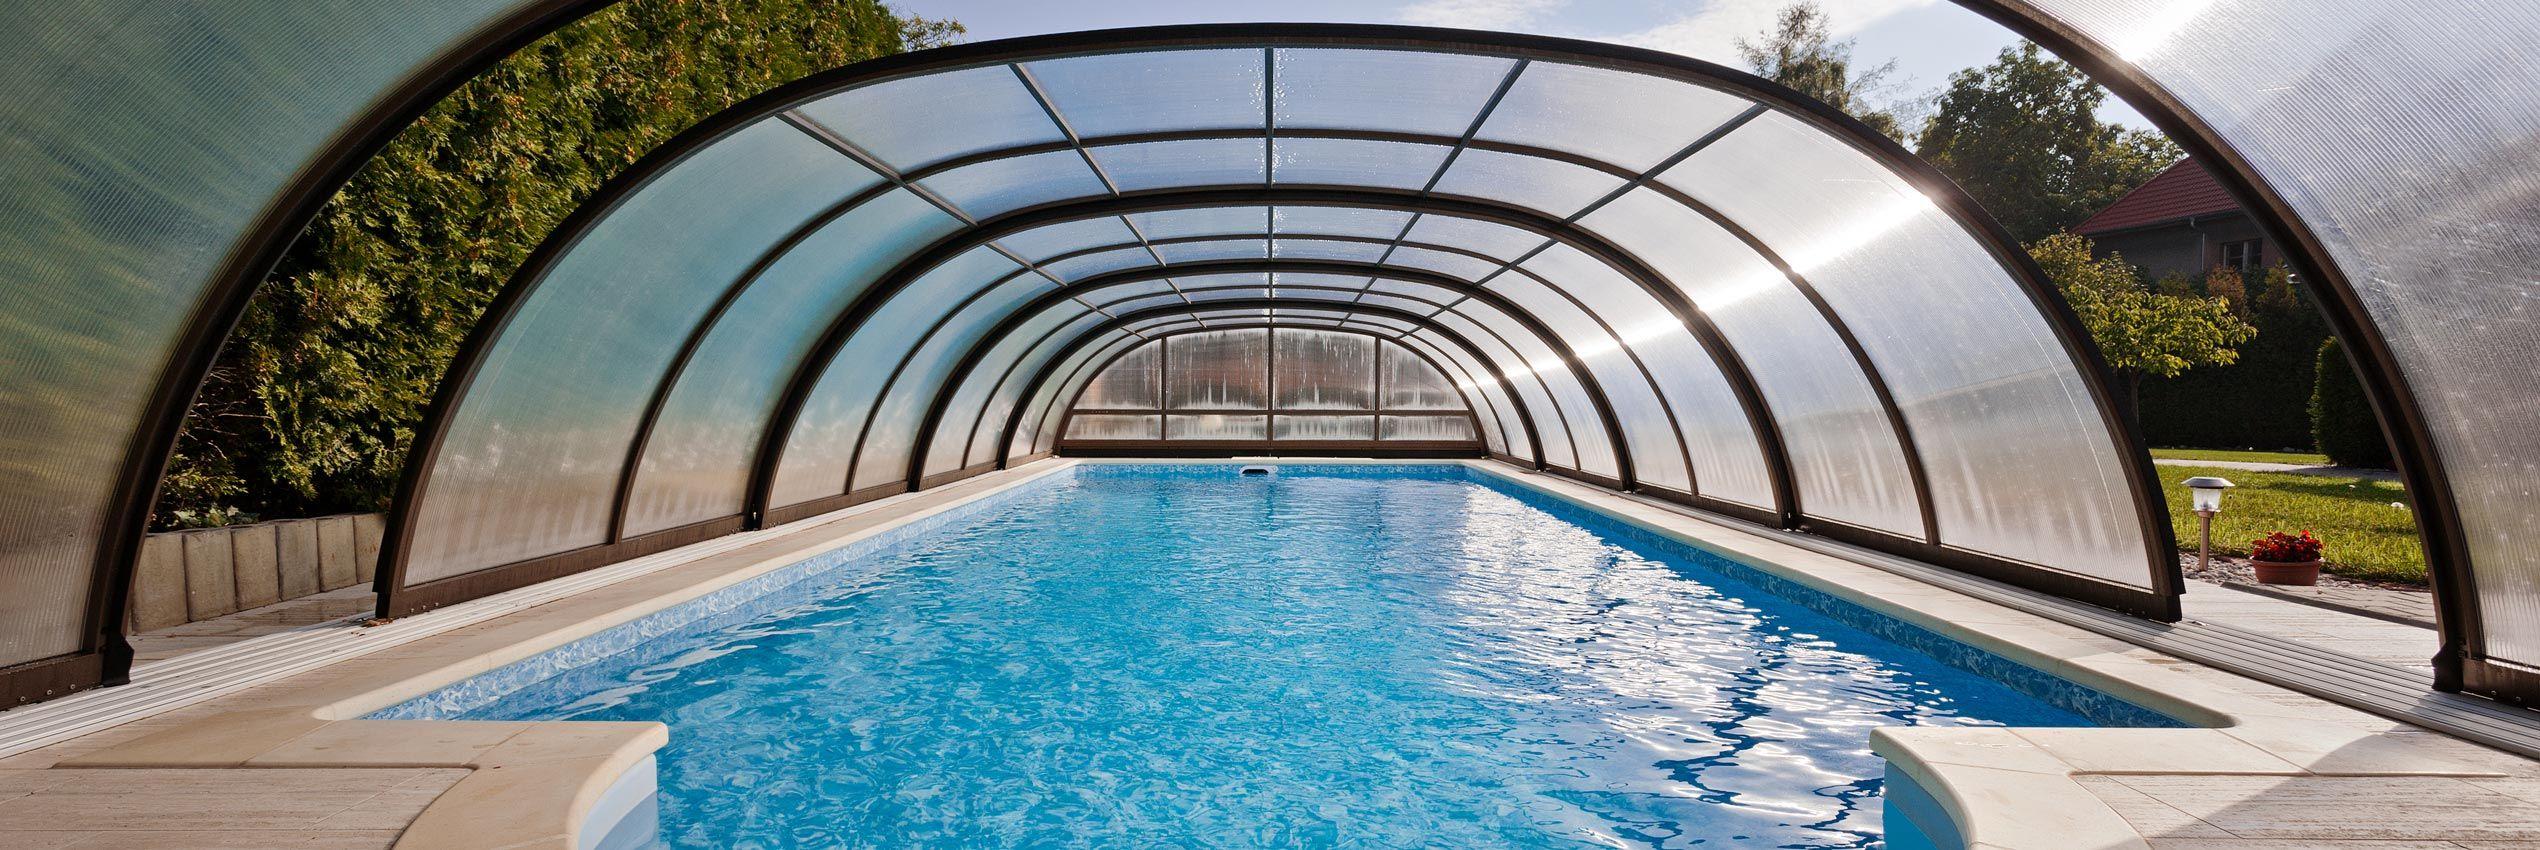 hero-pool-enclosure-tropea-conkover-02